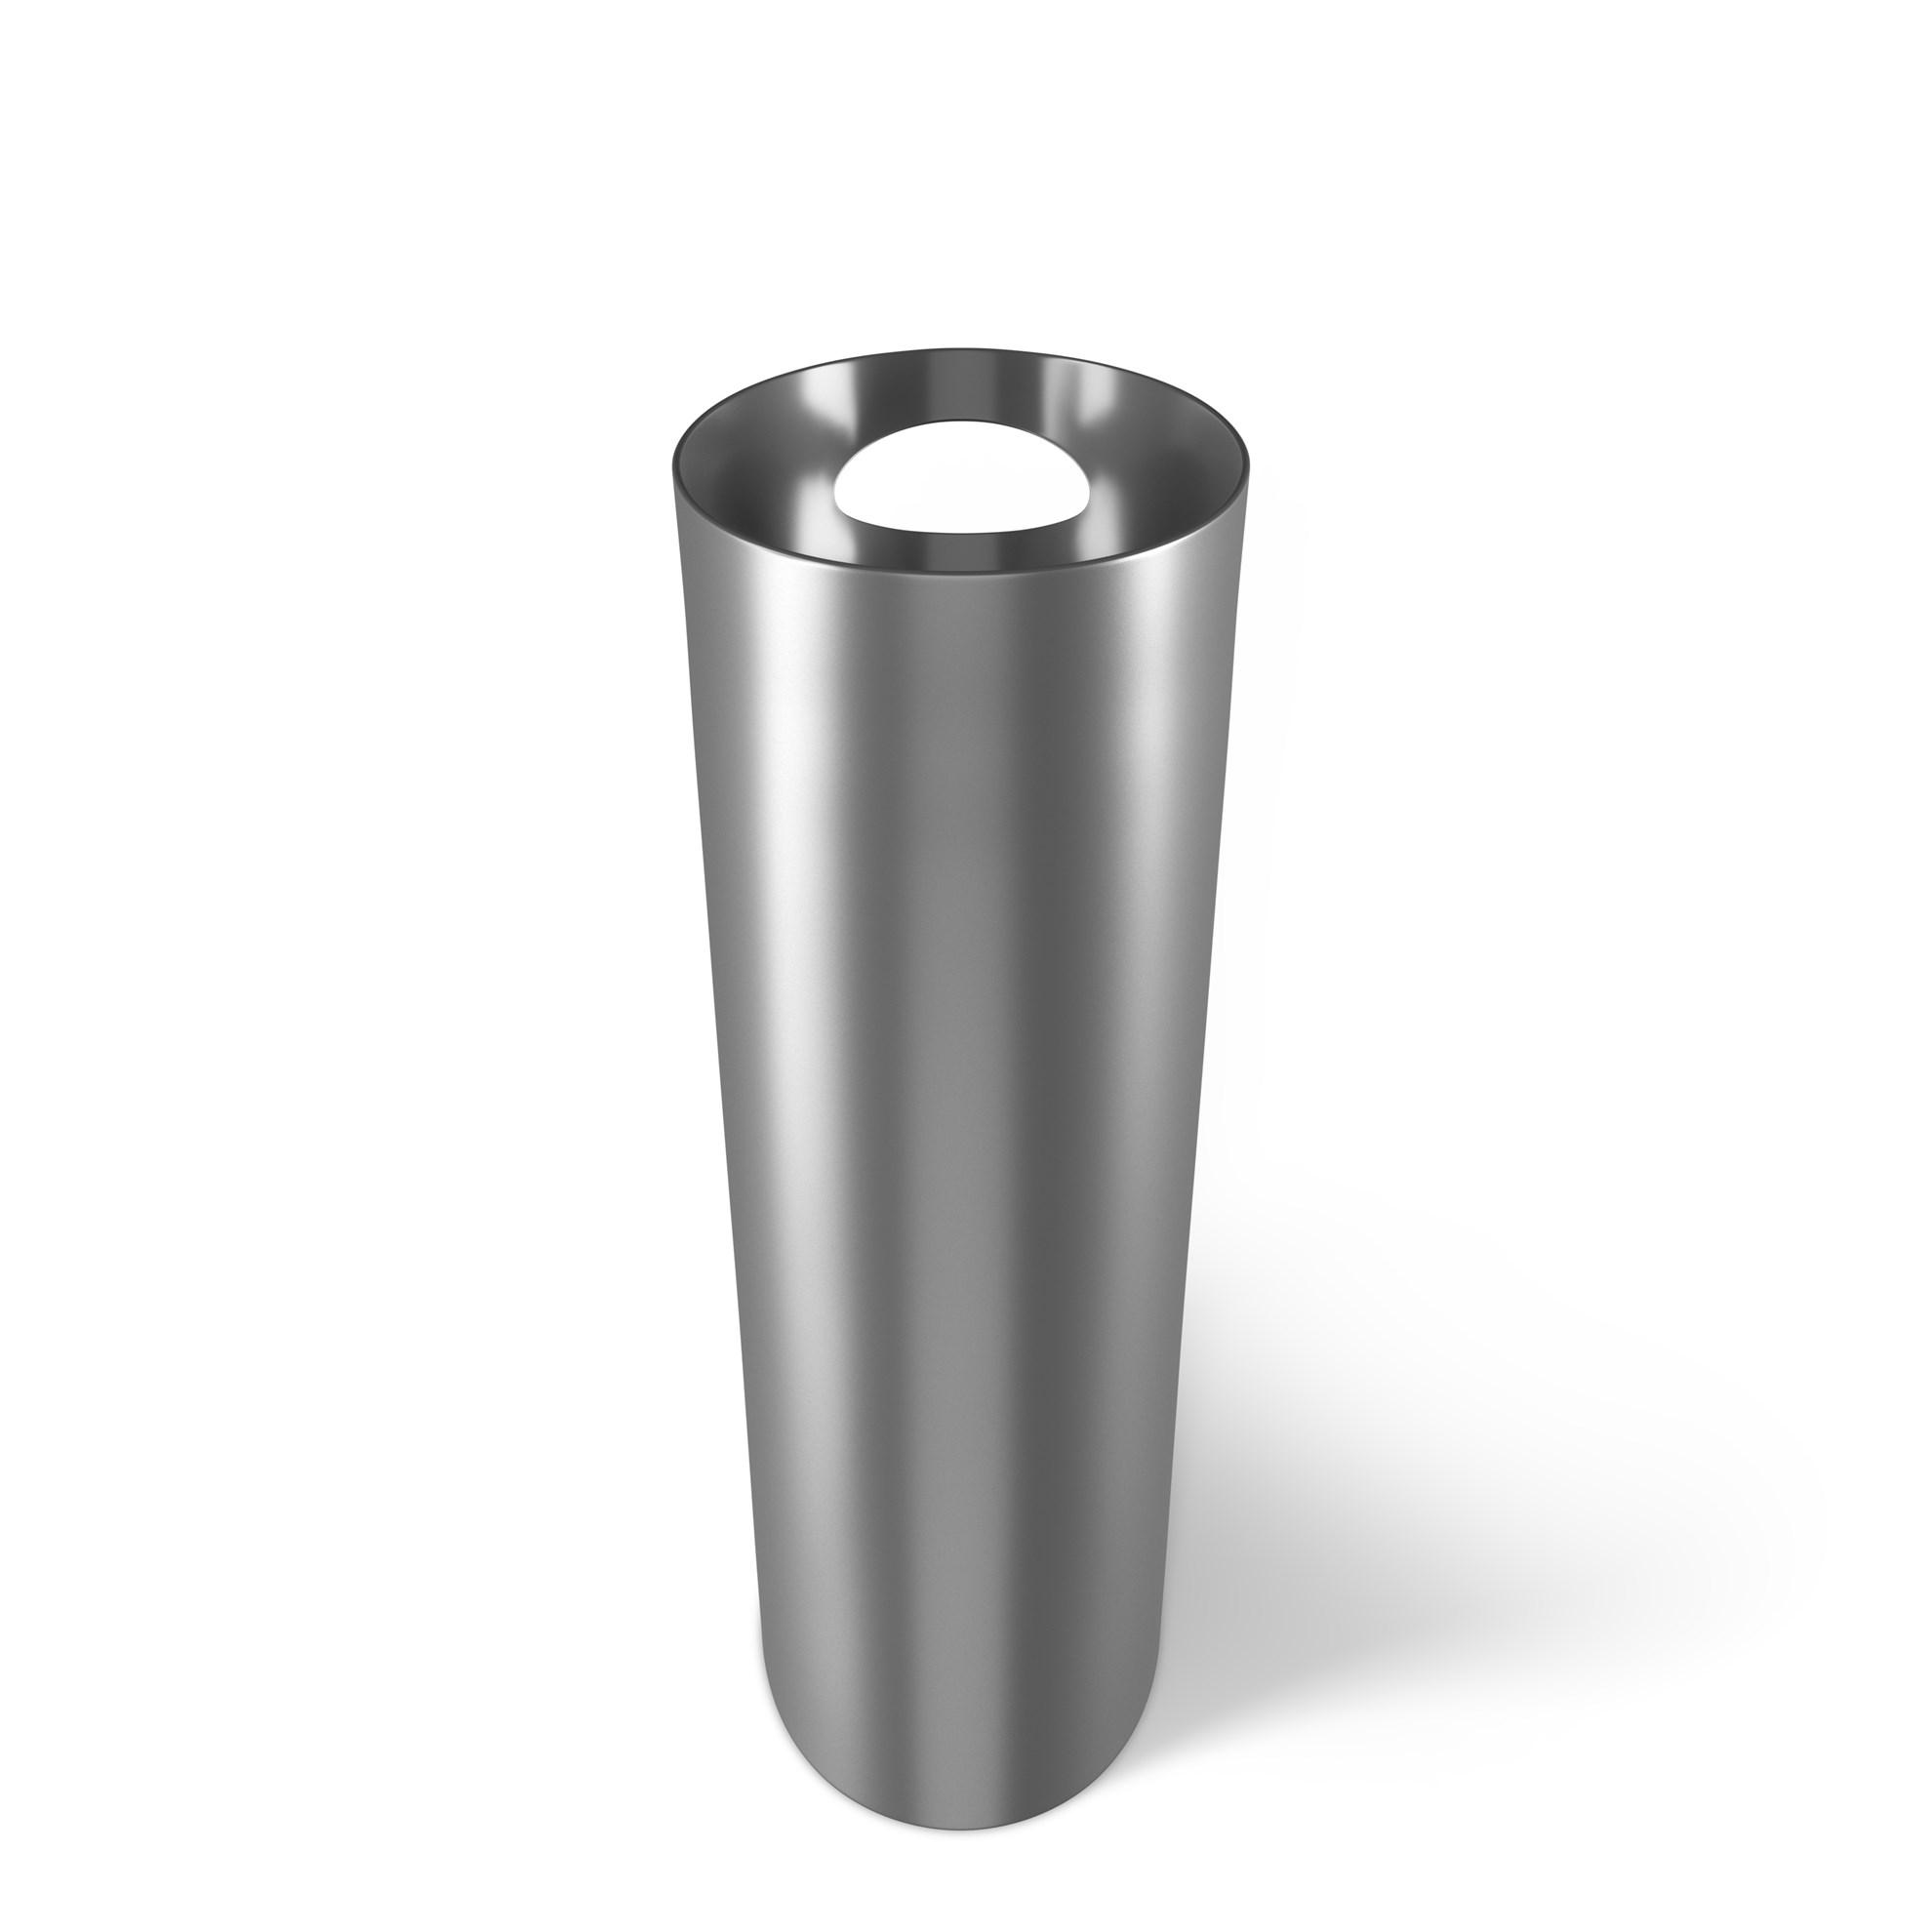 Odpadkový koš SKINNY 7,5 l stříbrný_2